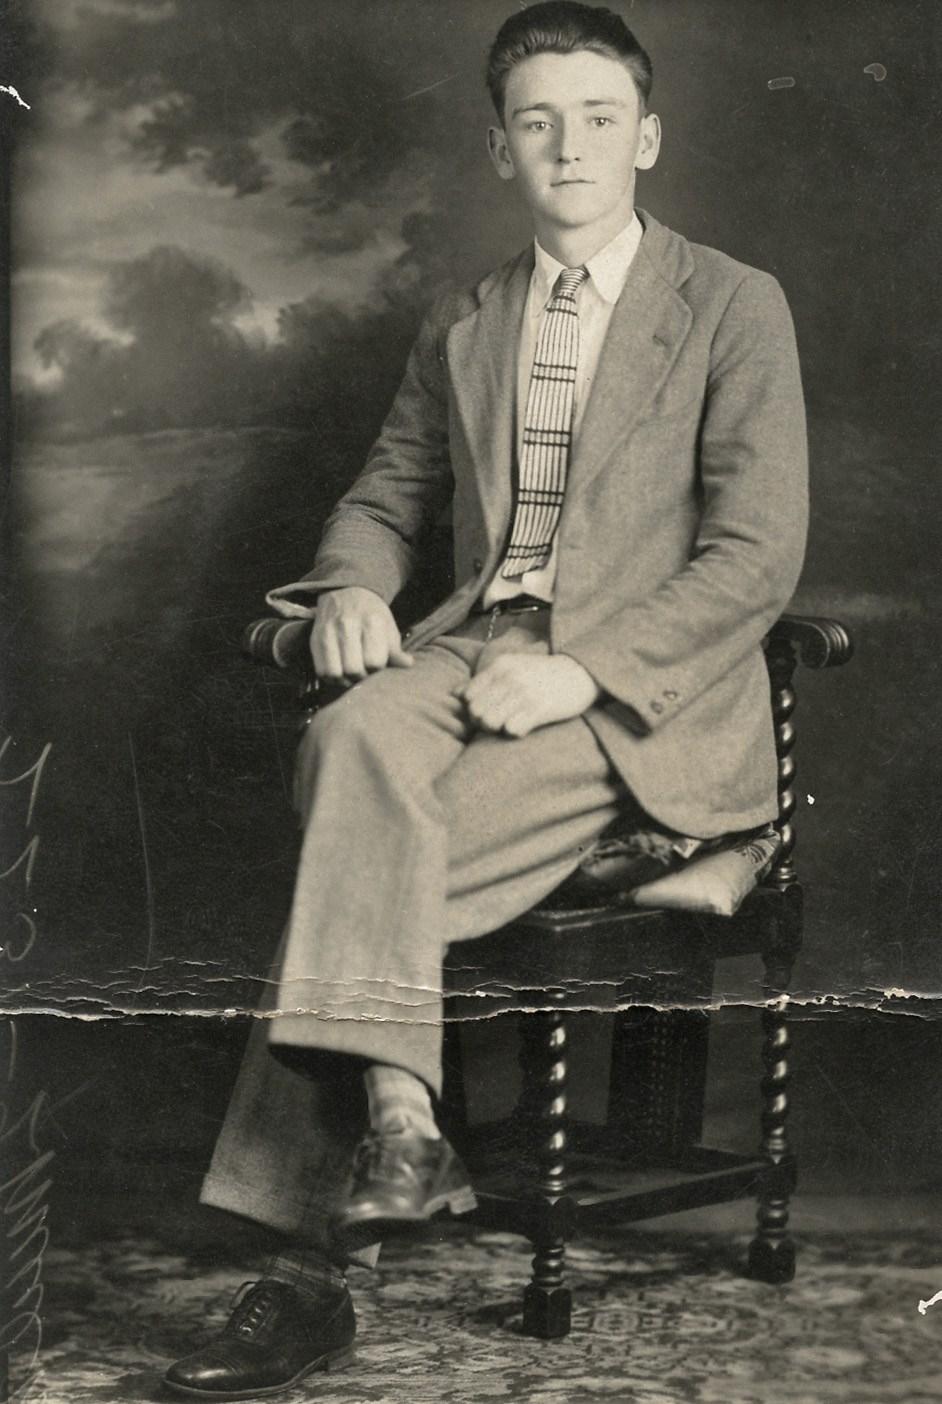 Reuben Lord